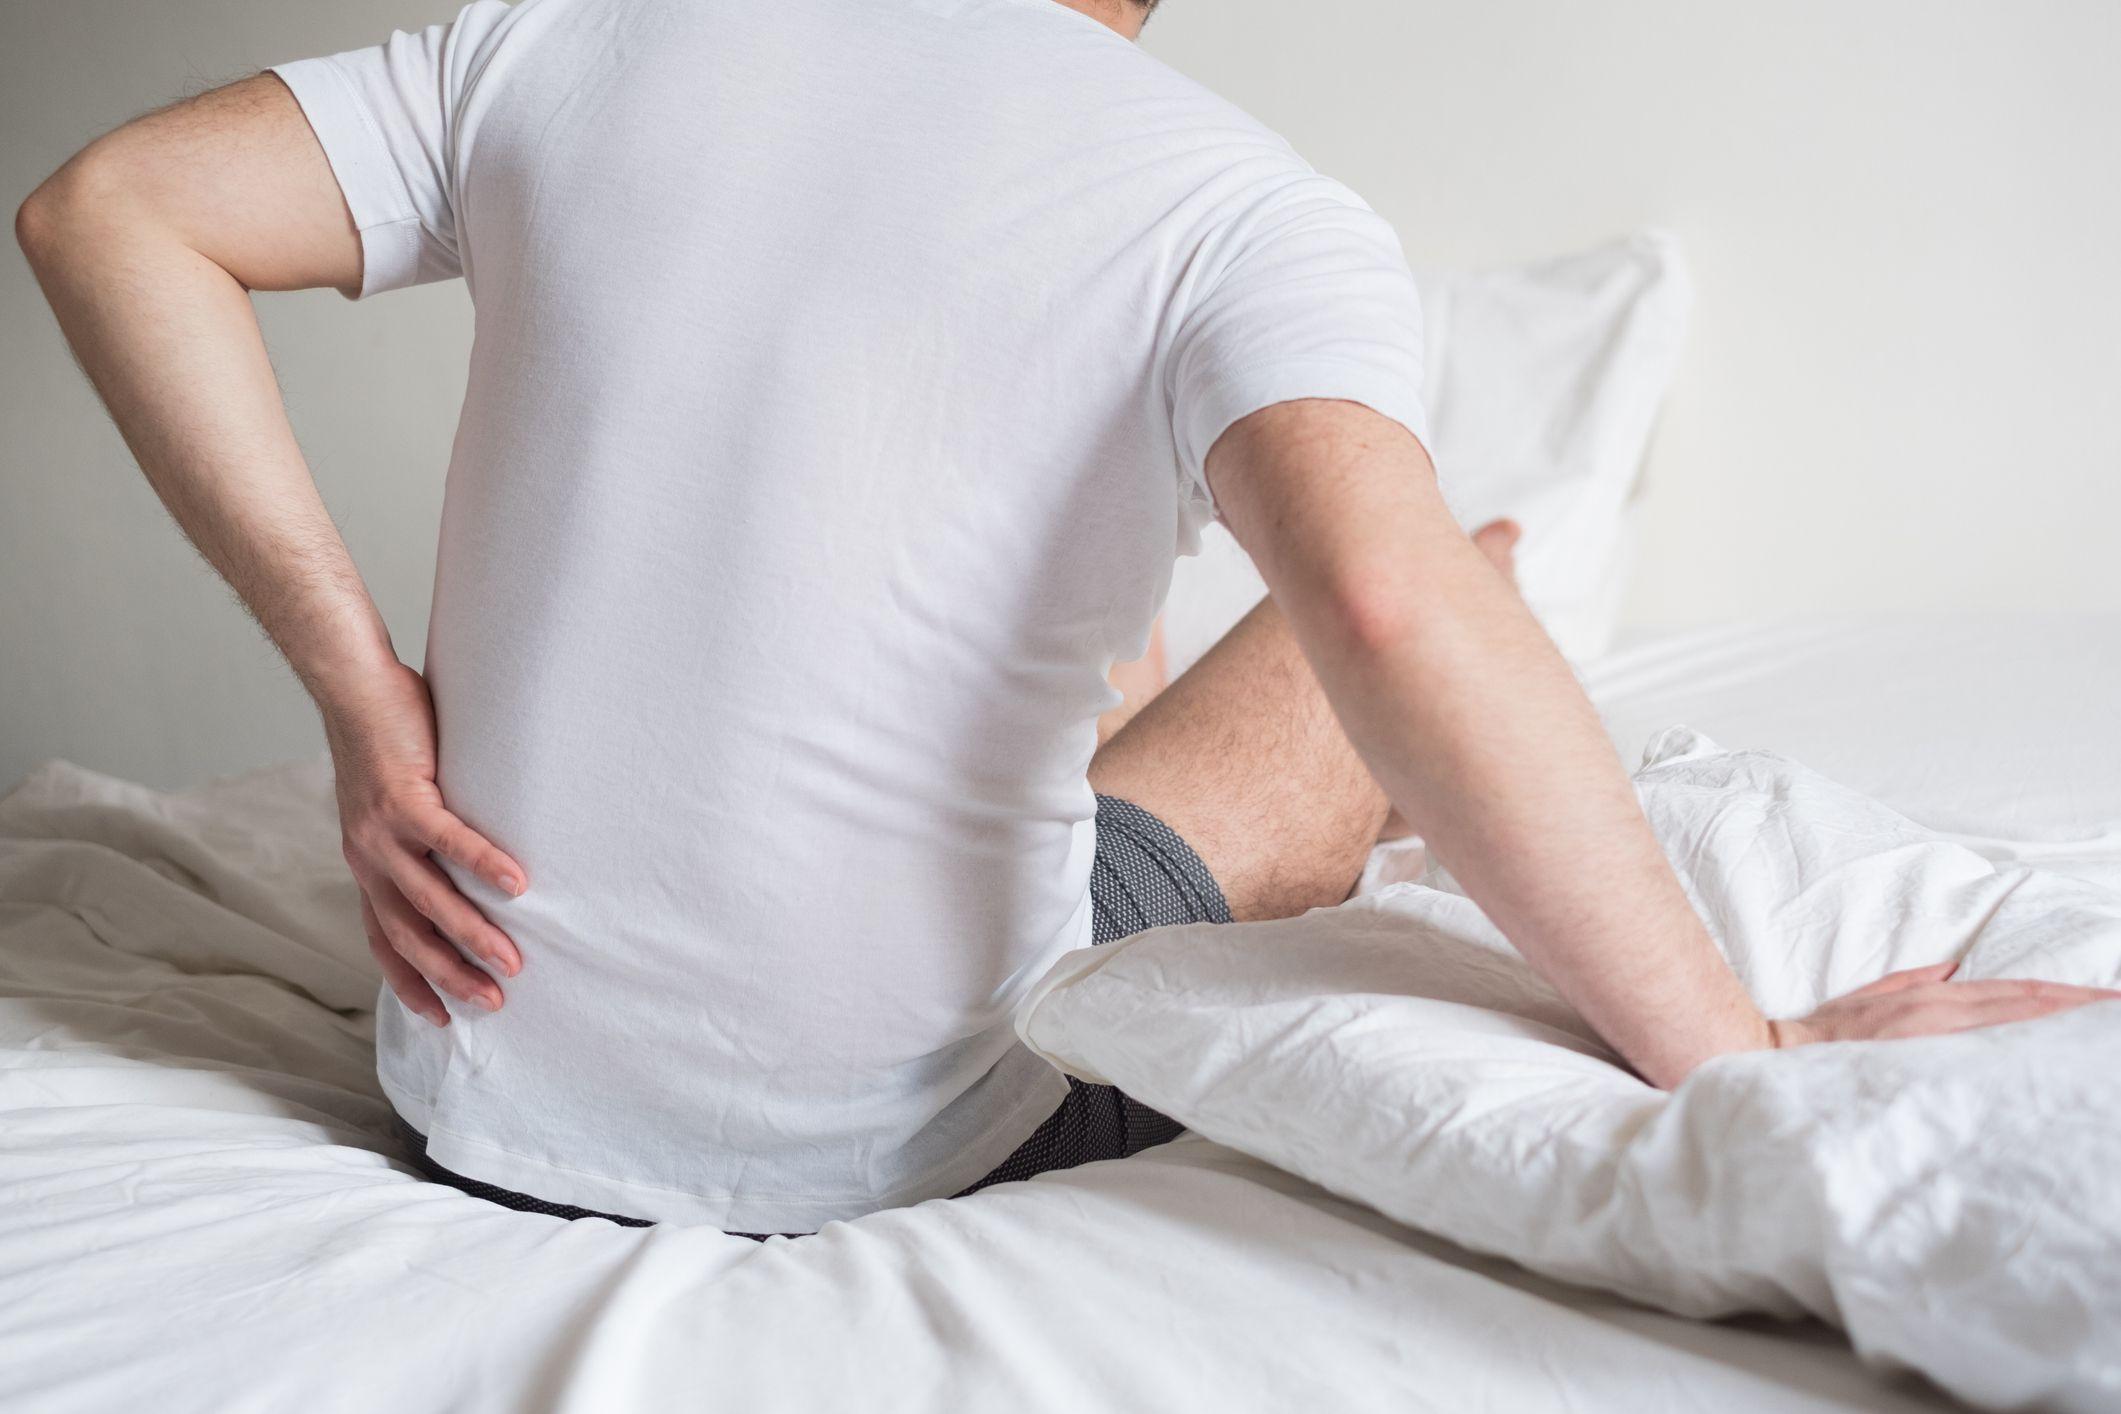 sciatica pain relief exercises at